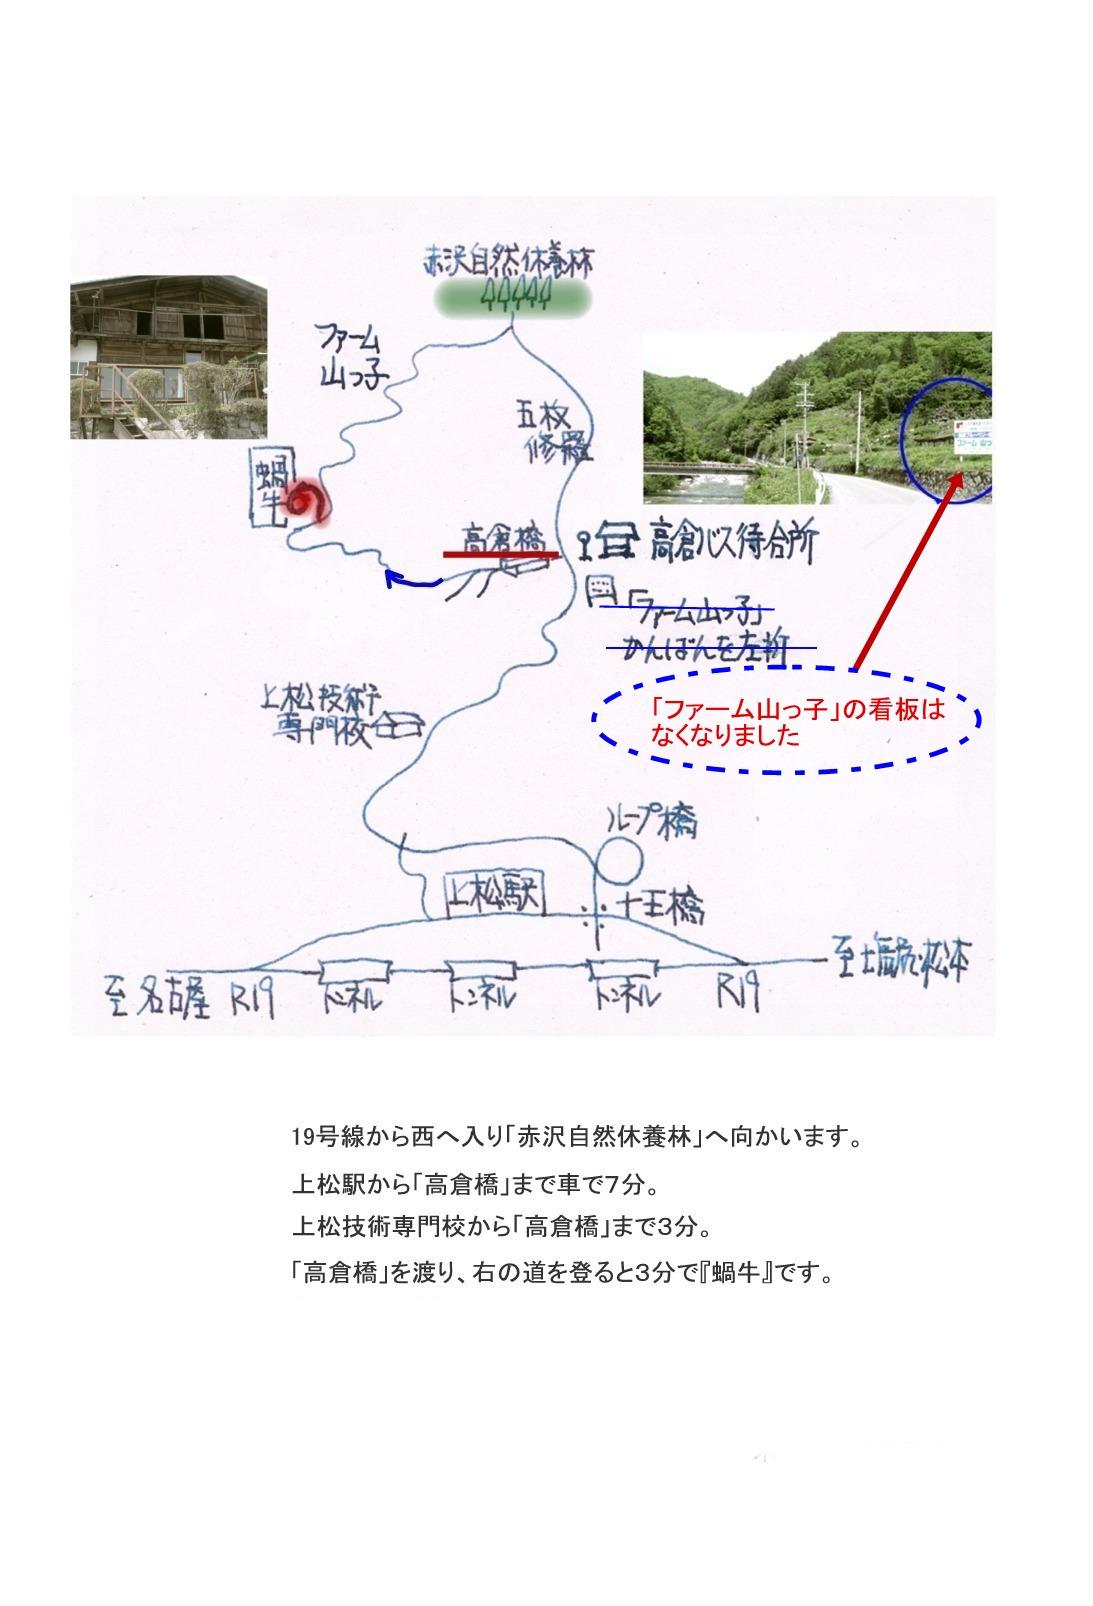 蝸牛地図a